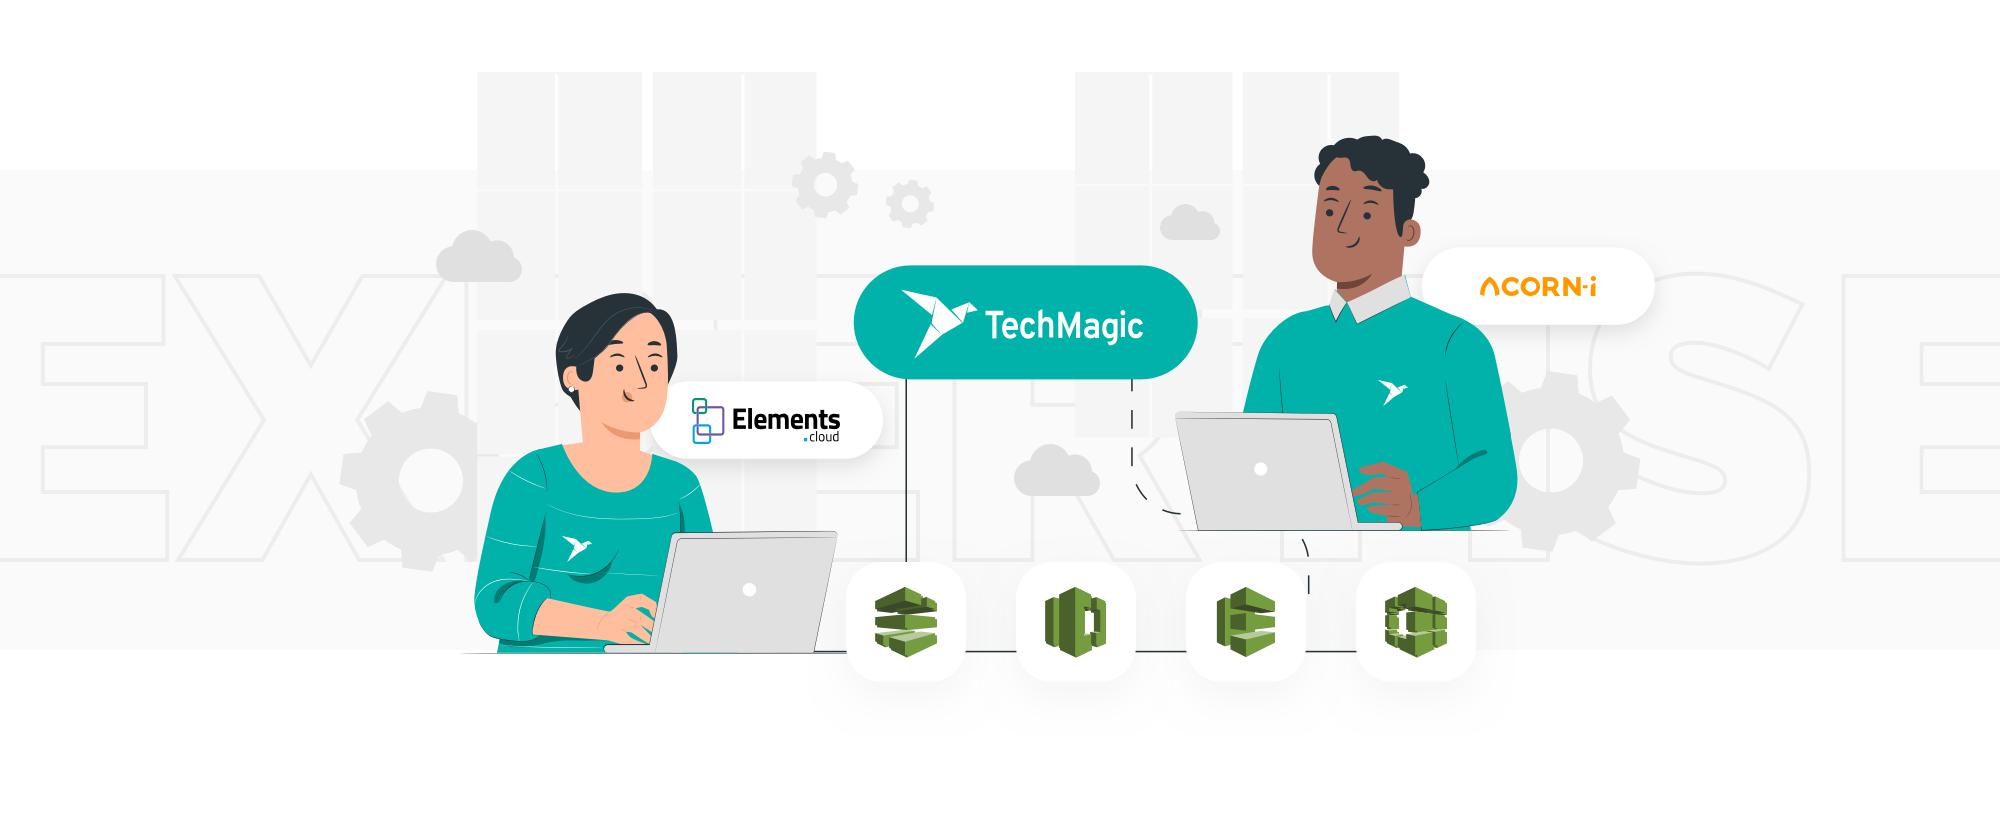 AWS devops expertise at TechMagic